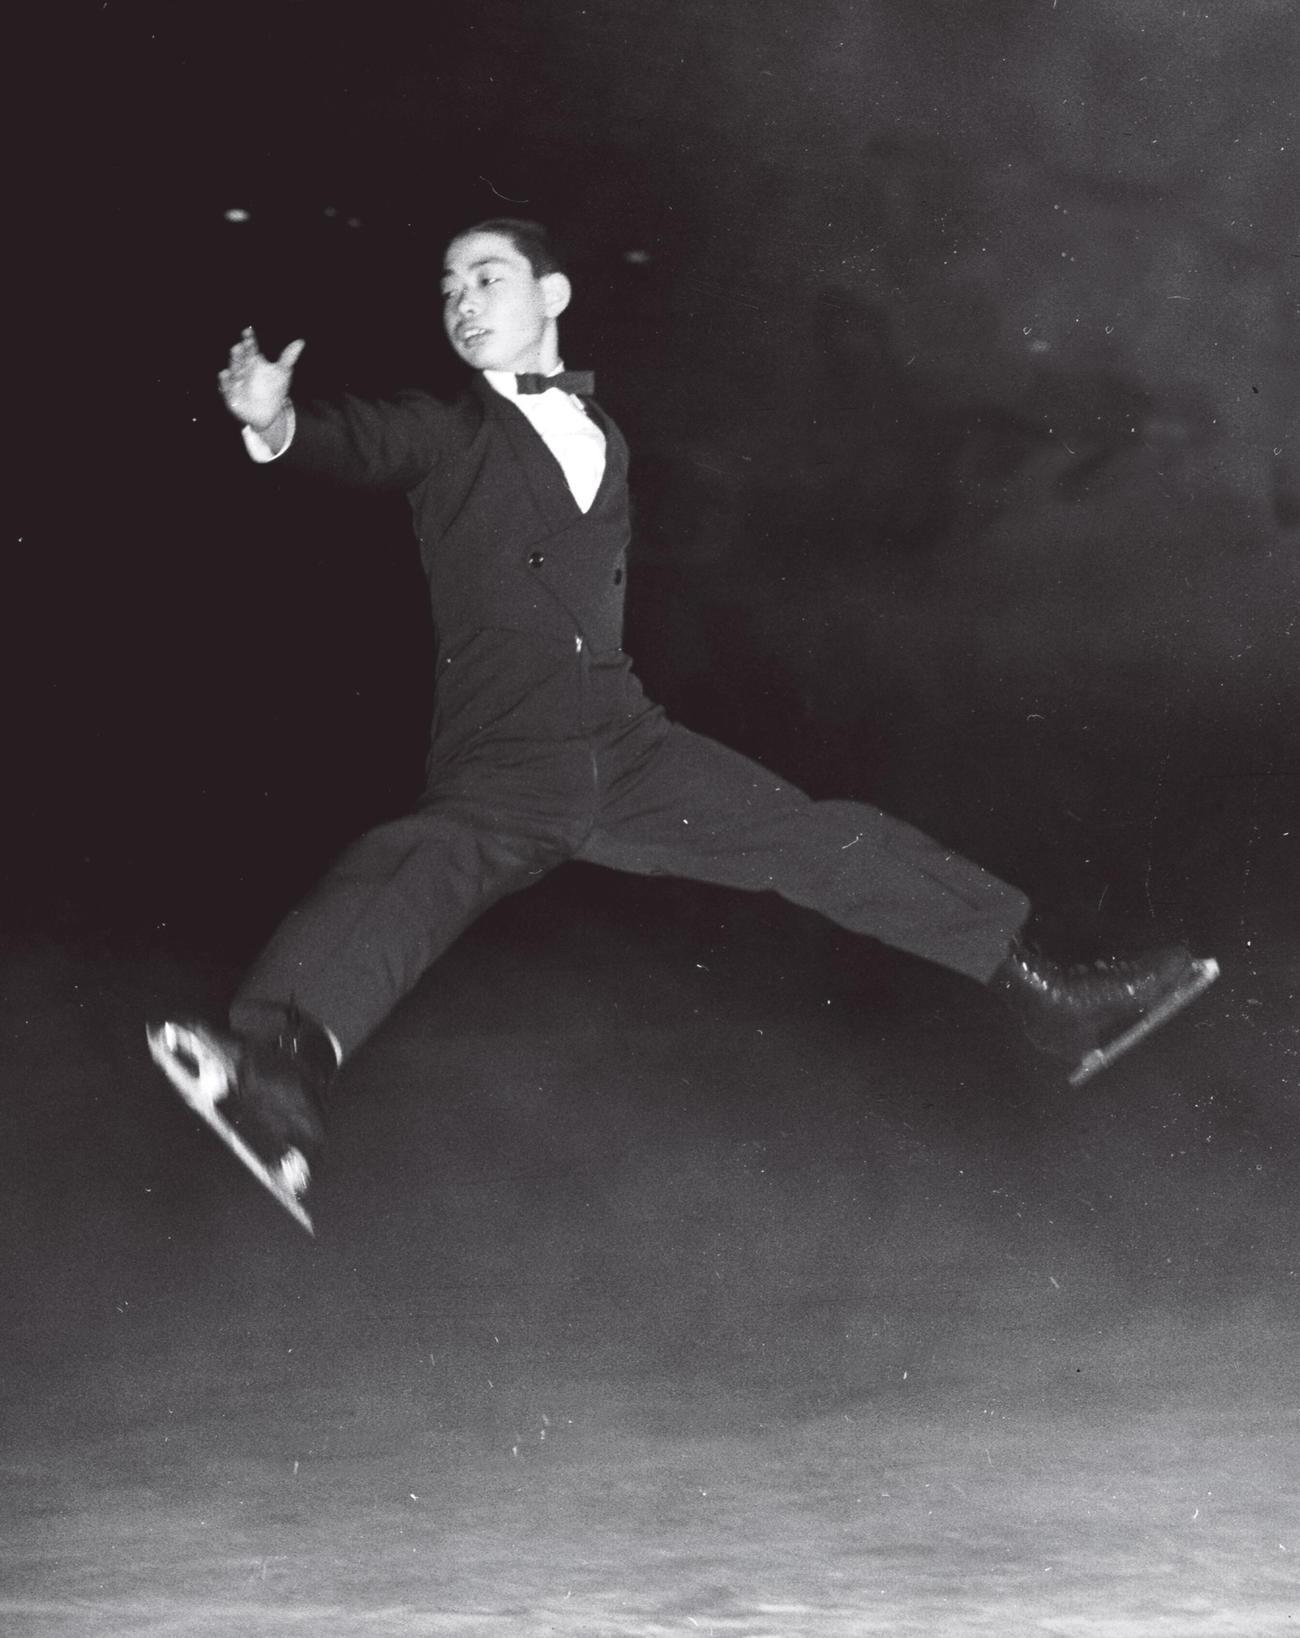 58年3月、華麗なジャンプの演技をみせる佐藤信夫